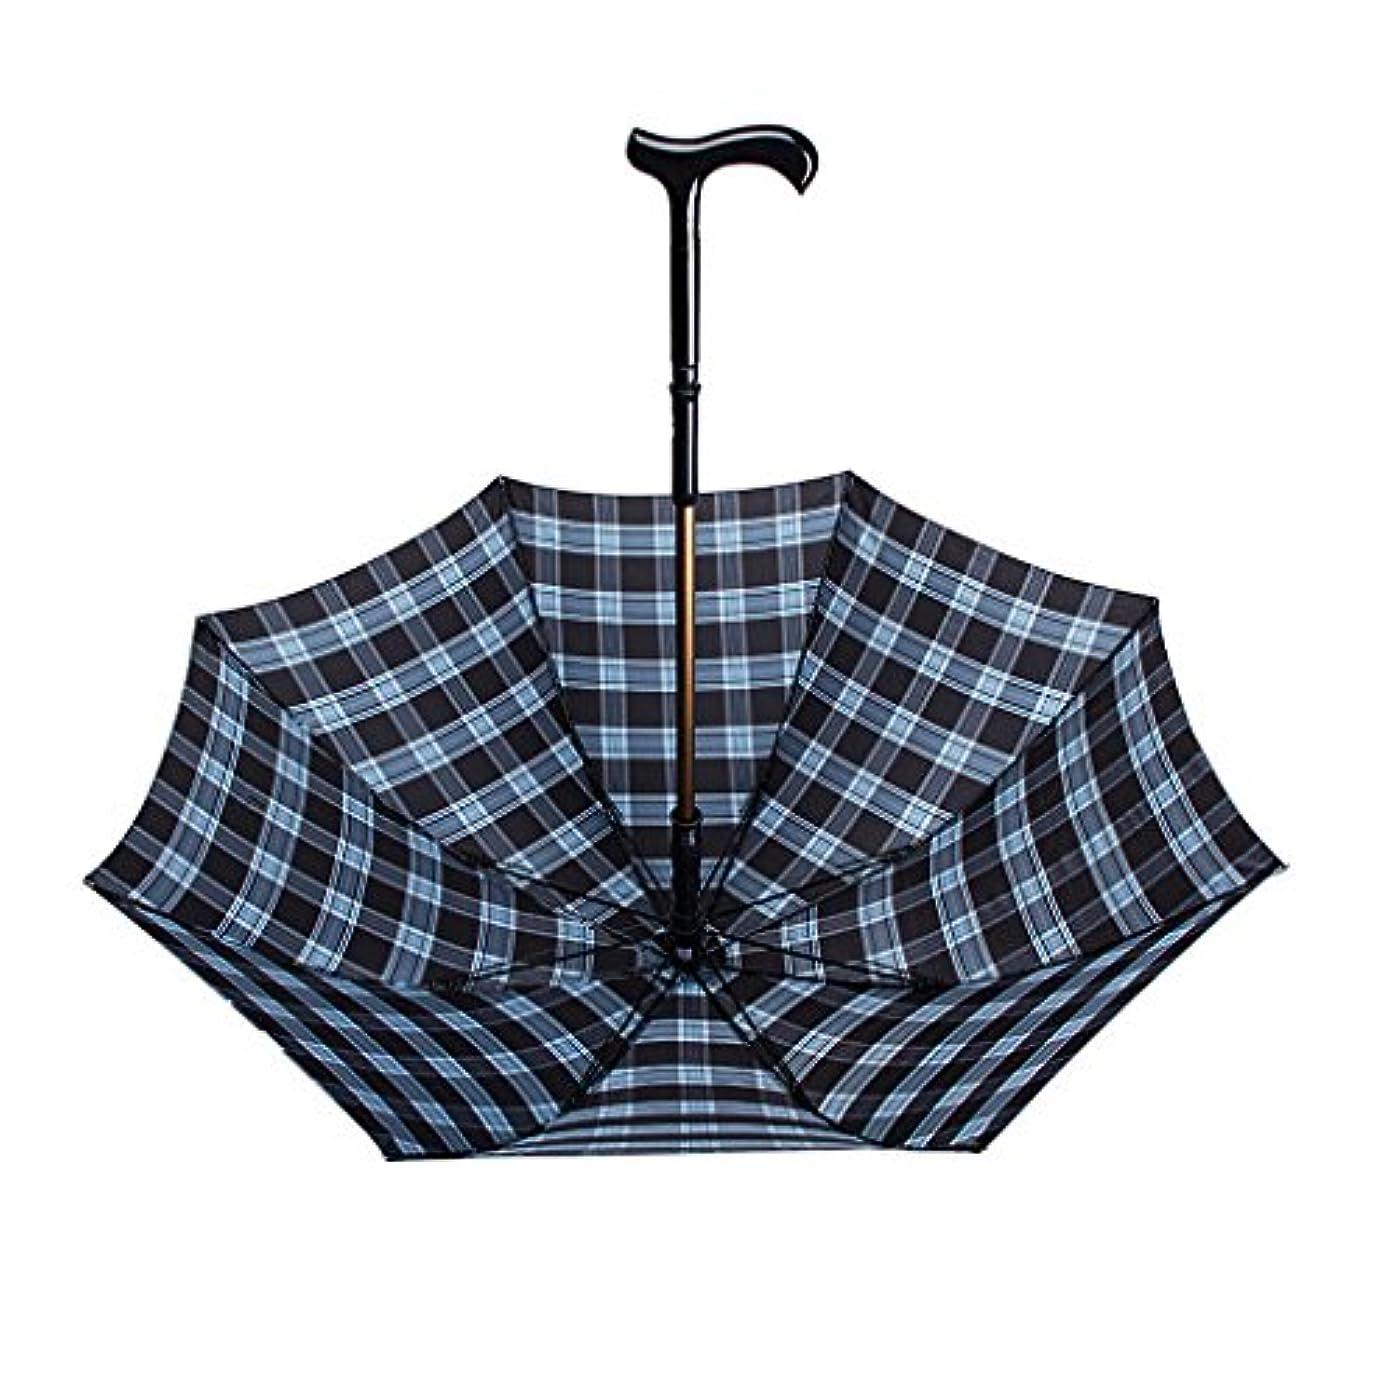 農業一緒に木製ステッキ/松葉杖傘取り外し可能/日当たりの良い雨兼用/多機能登山用屋外旅行抗紫外線抗水軽量耐久性のある滑り止めハンドル滑り止めトップ補強